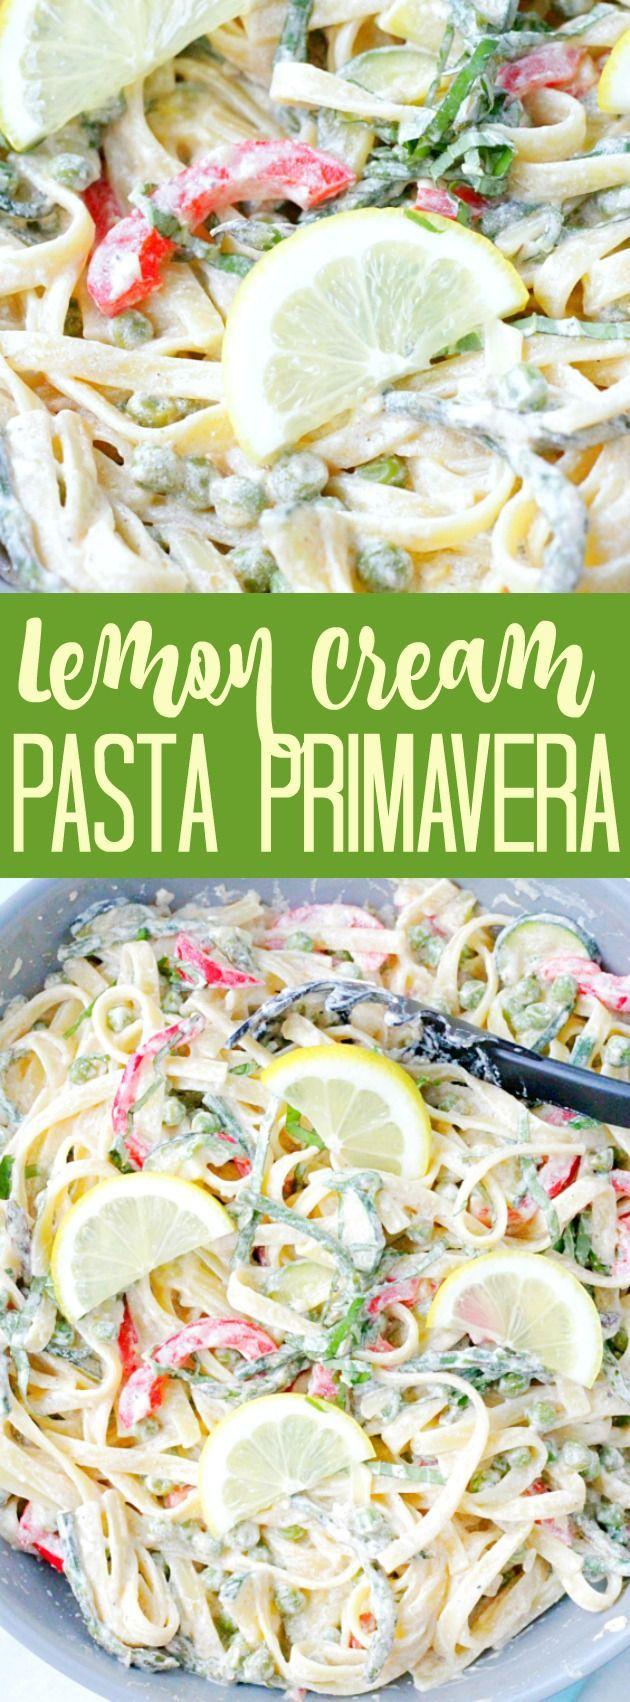 Lemon Cream Pasta Primavera